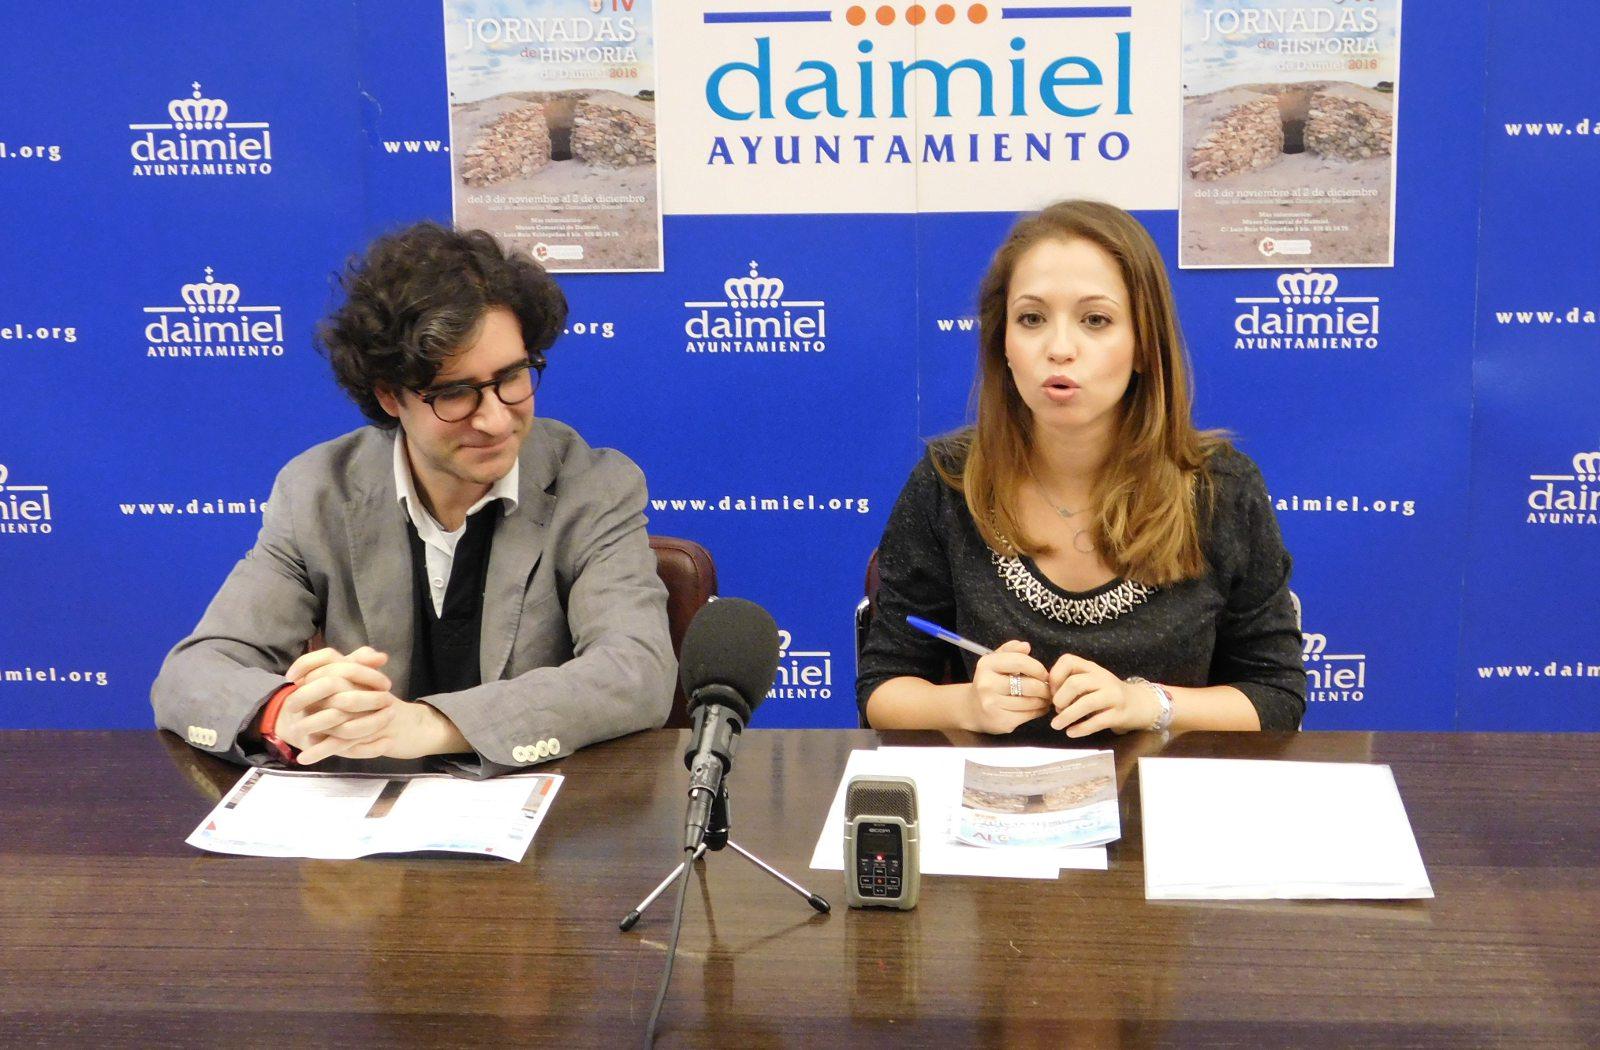 El 3 de noviembre comienzan las IV Jornadas de Historia de Daimiel